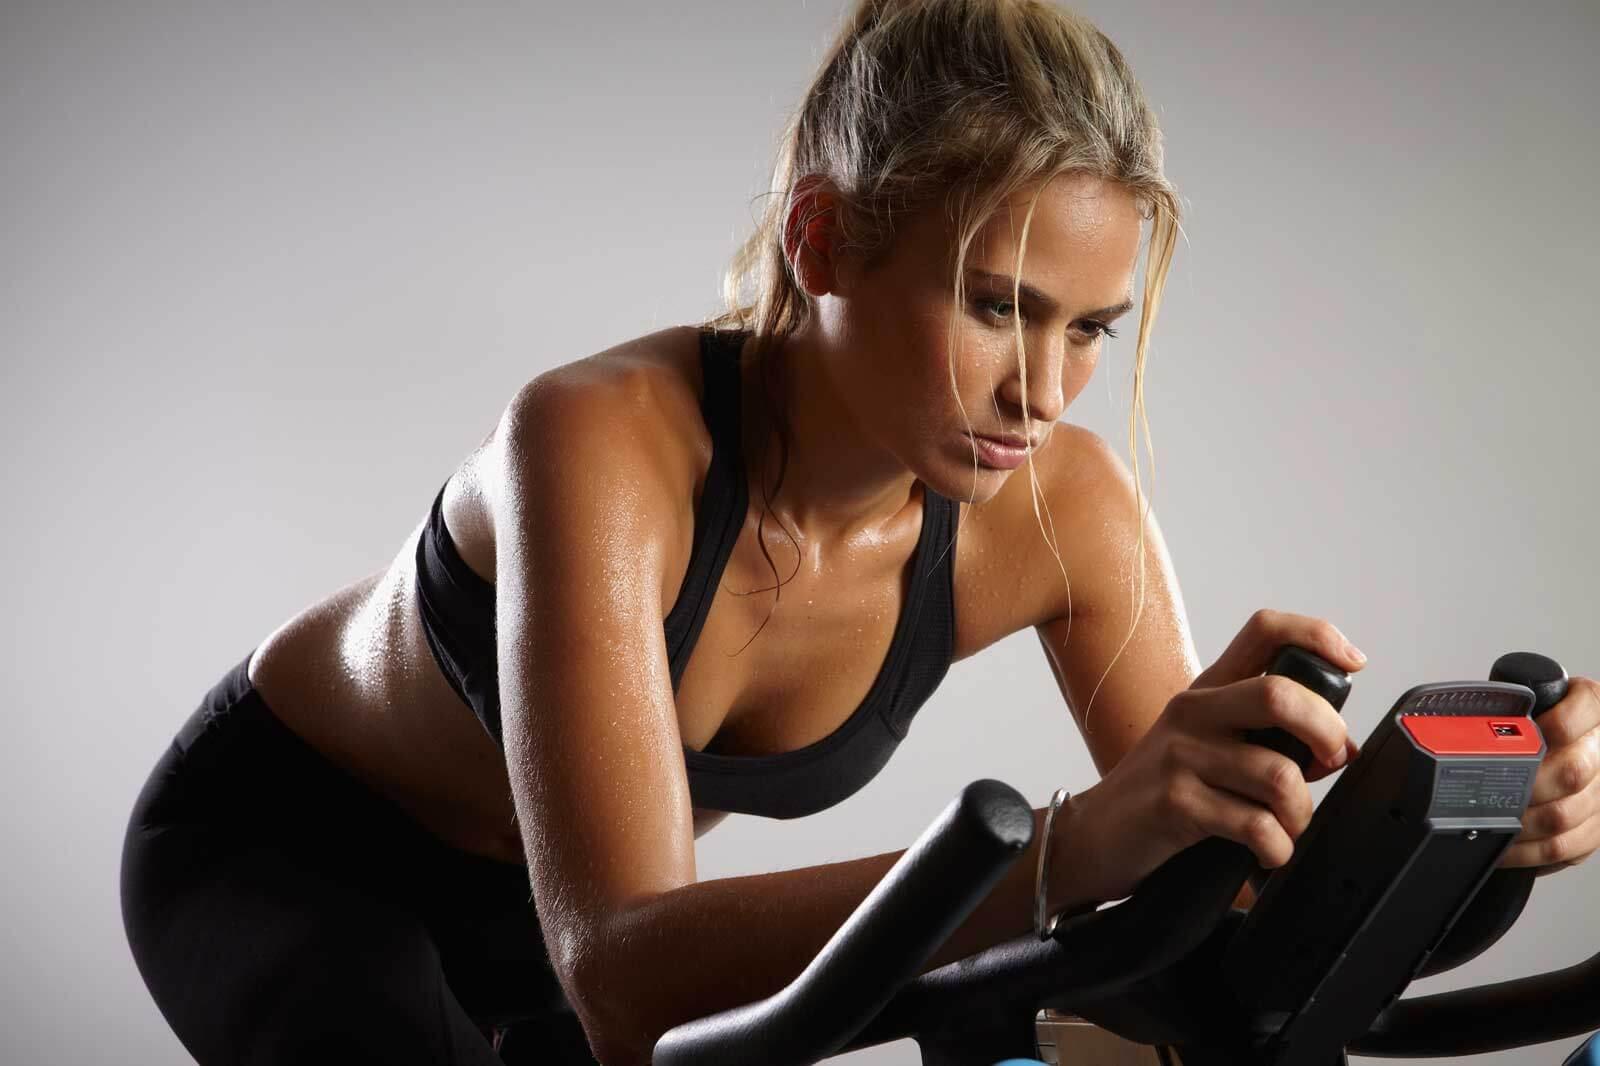 При тренировките за отслабване с велоергометър трябва да се спазват правила и да има система за изпълнение на упражненията.